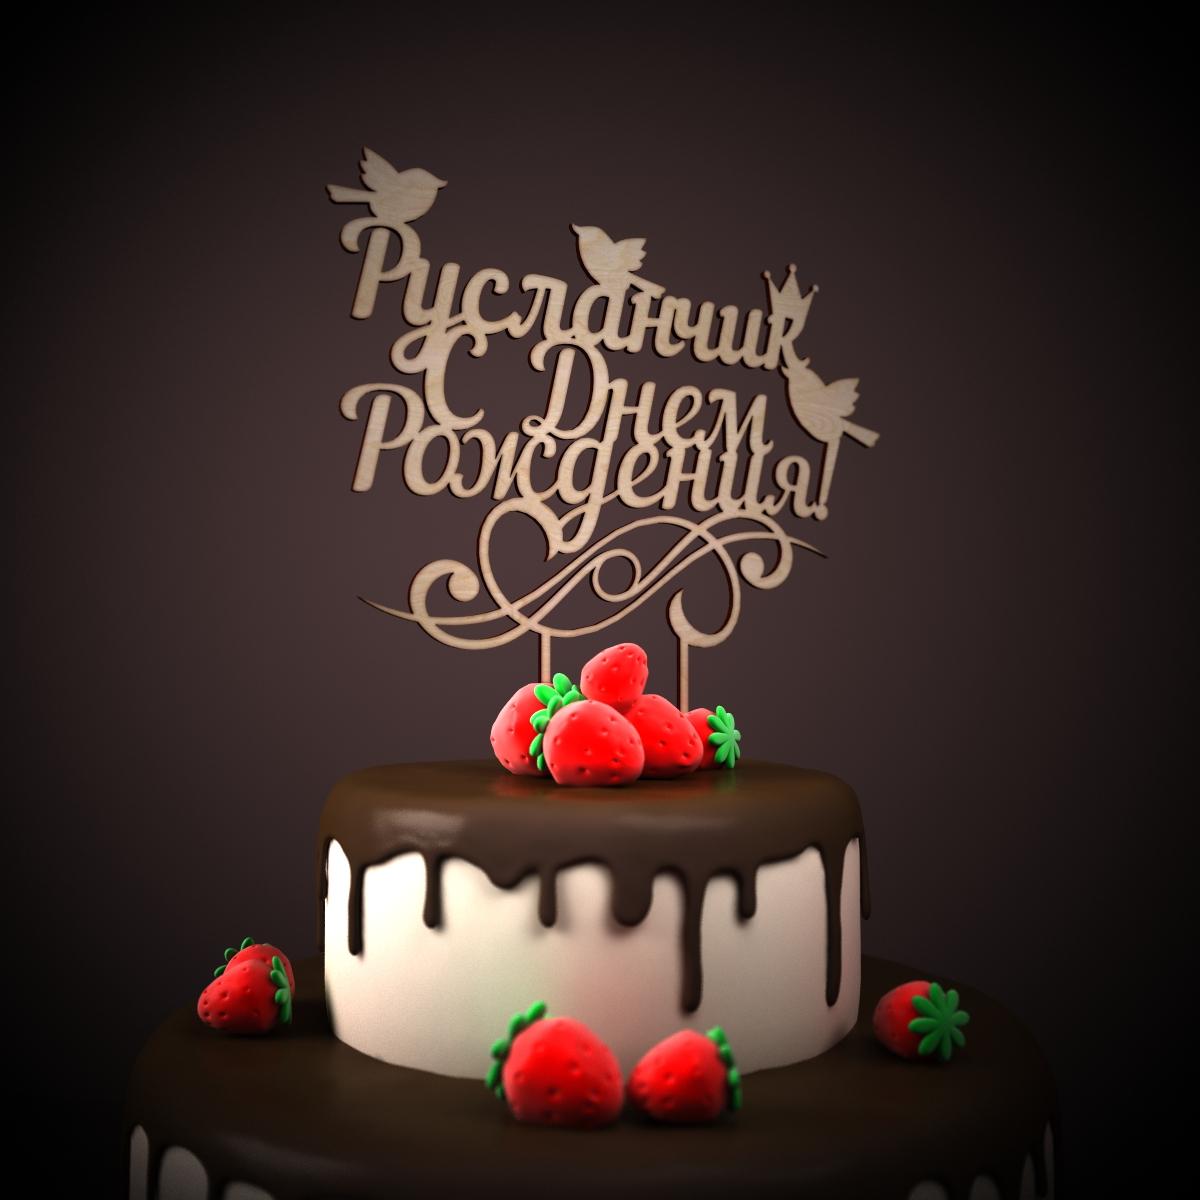 Поздравление для руслана с днем рождения в картинках